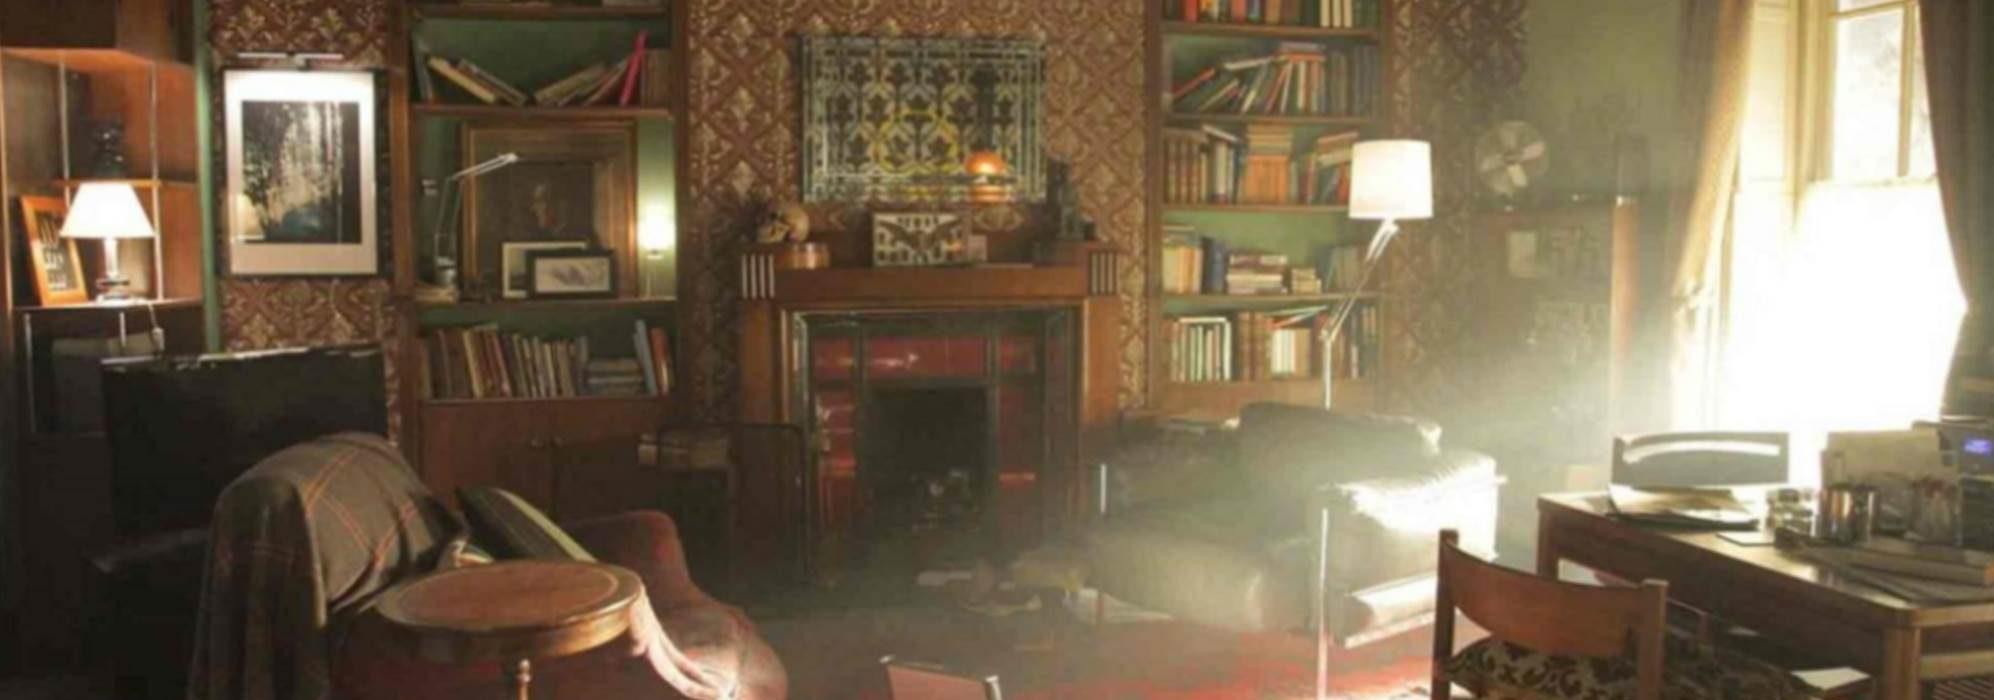 Imagem: sala do apartamento de Sherlock Holmes na série Sherlock (BBC)